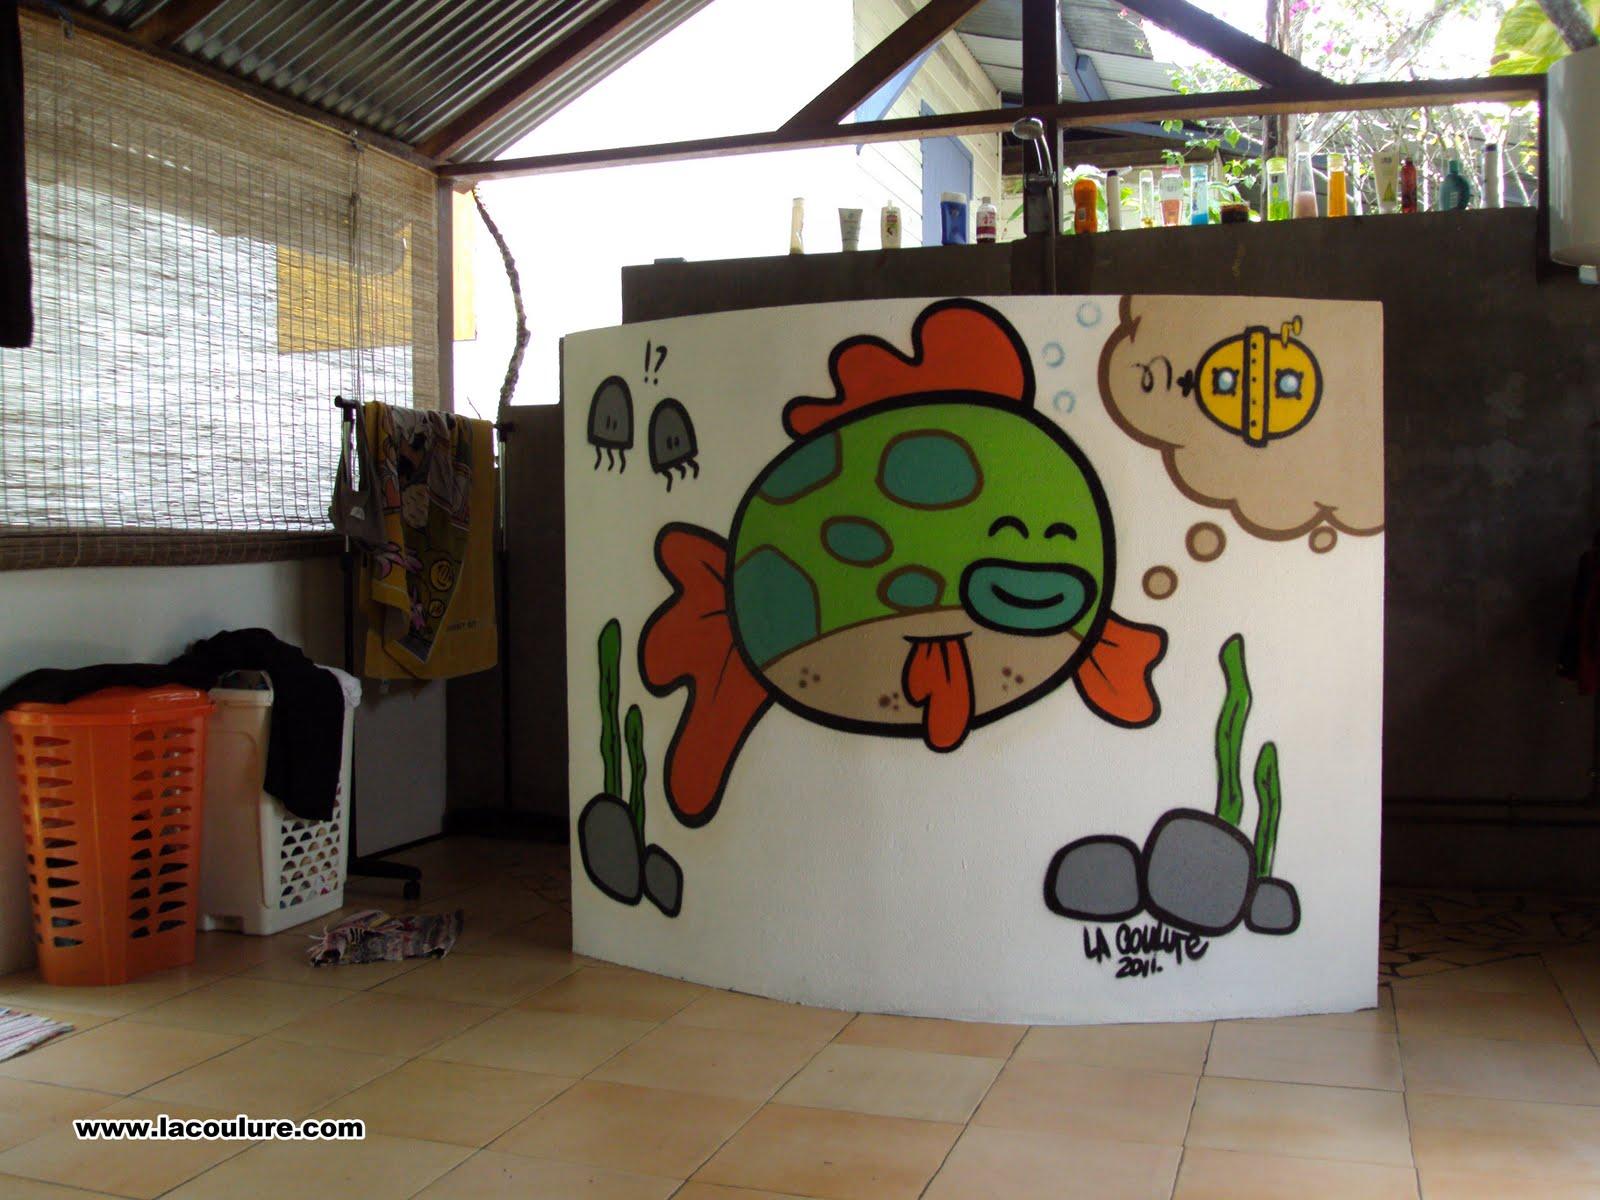 Collectif la coulure graffiti lyon graff poisson salle for Poisson d argent salle de bain